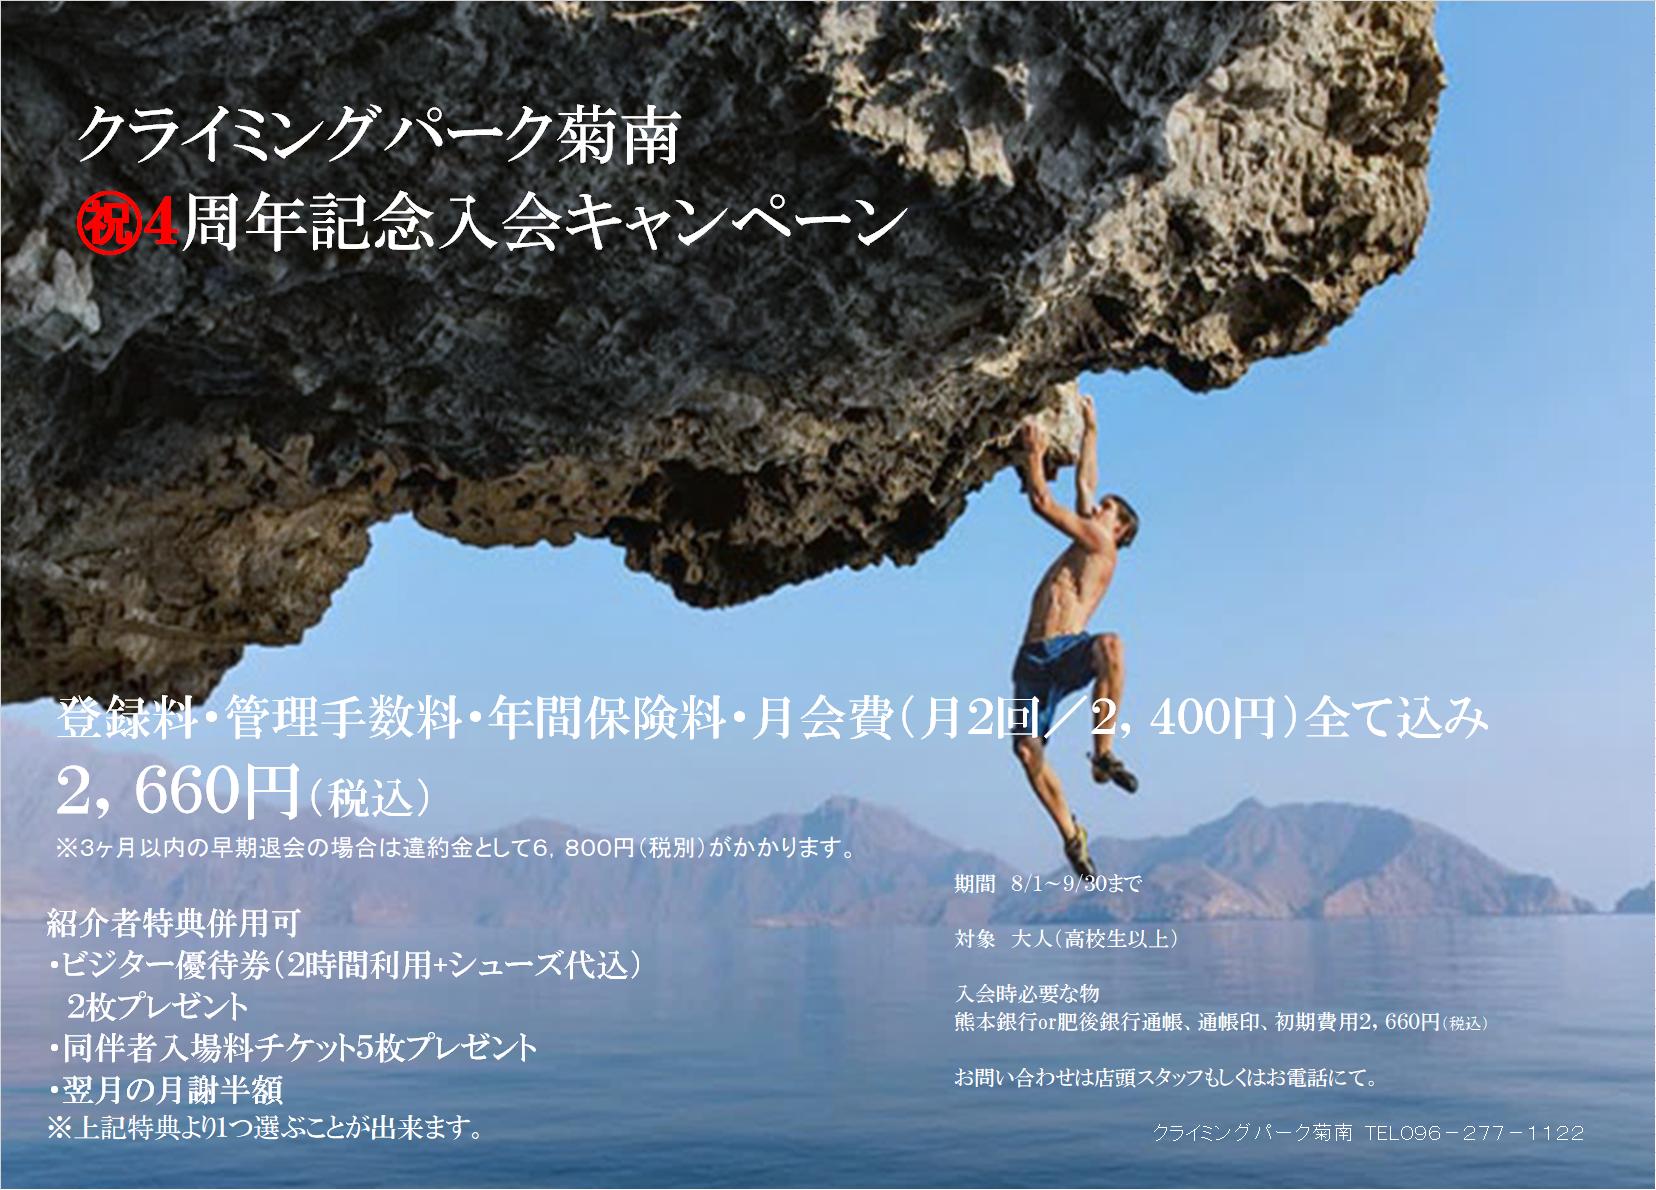 8月大人入会キャンペーン画像